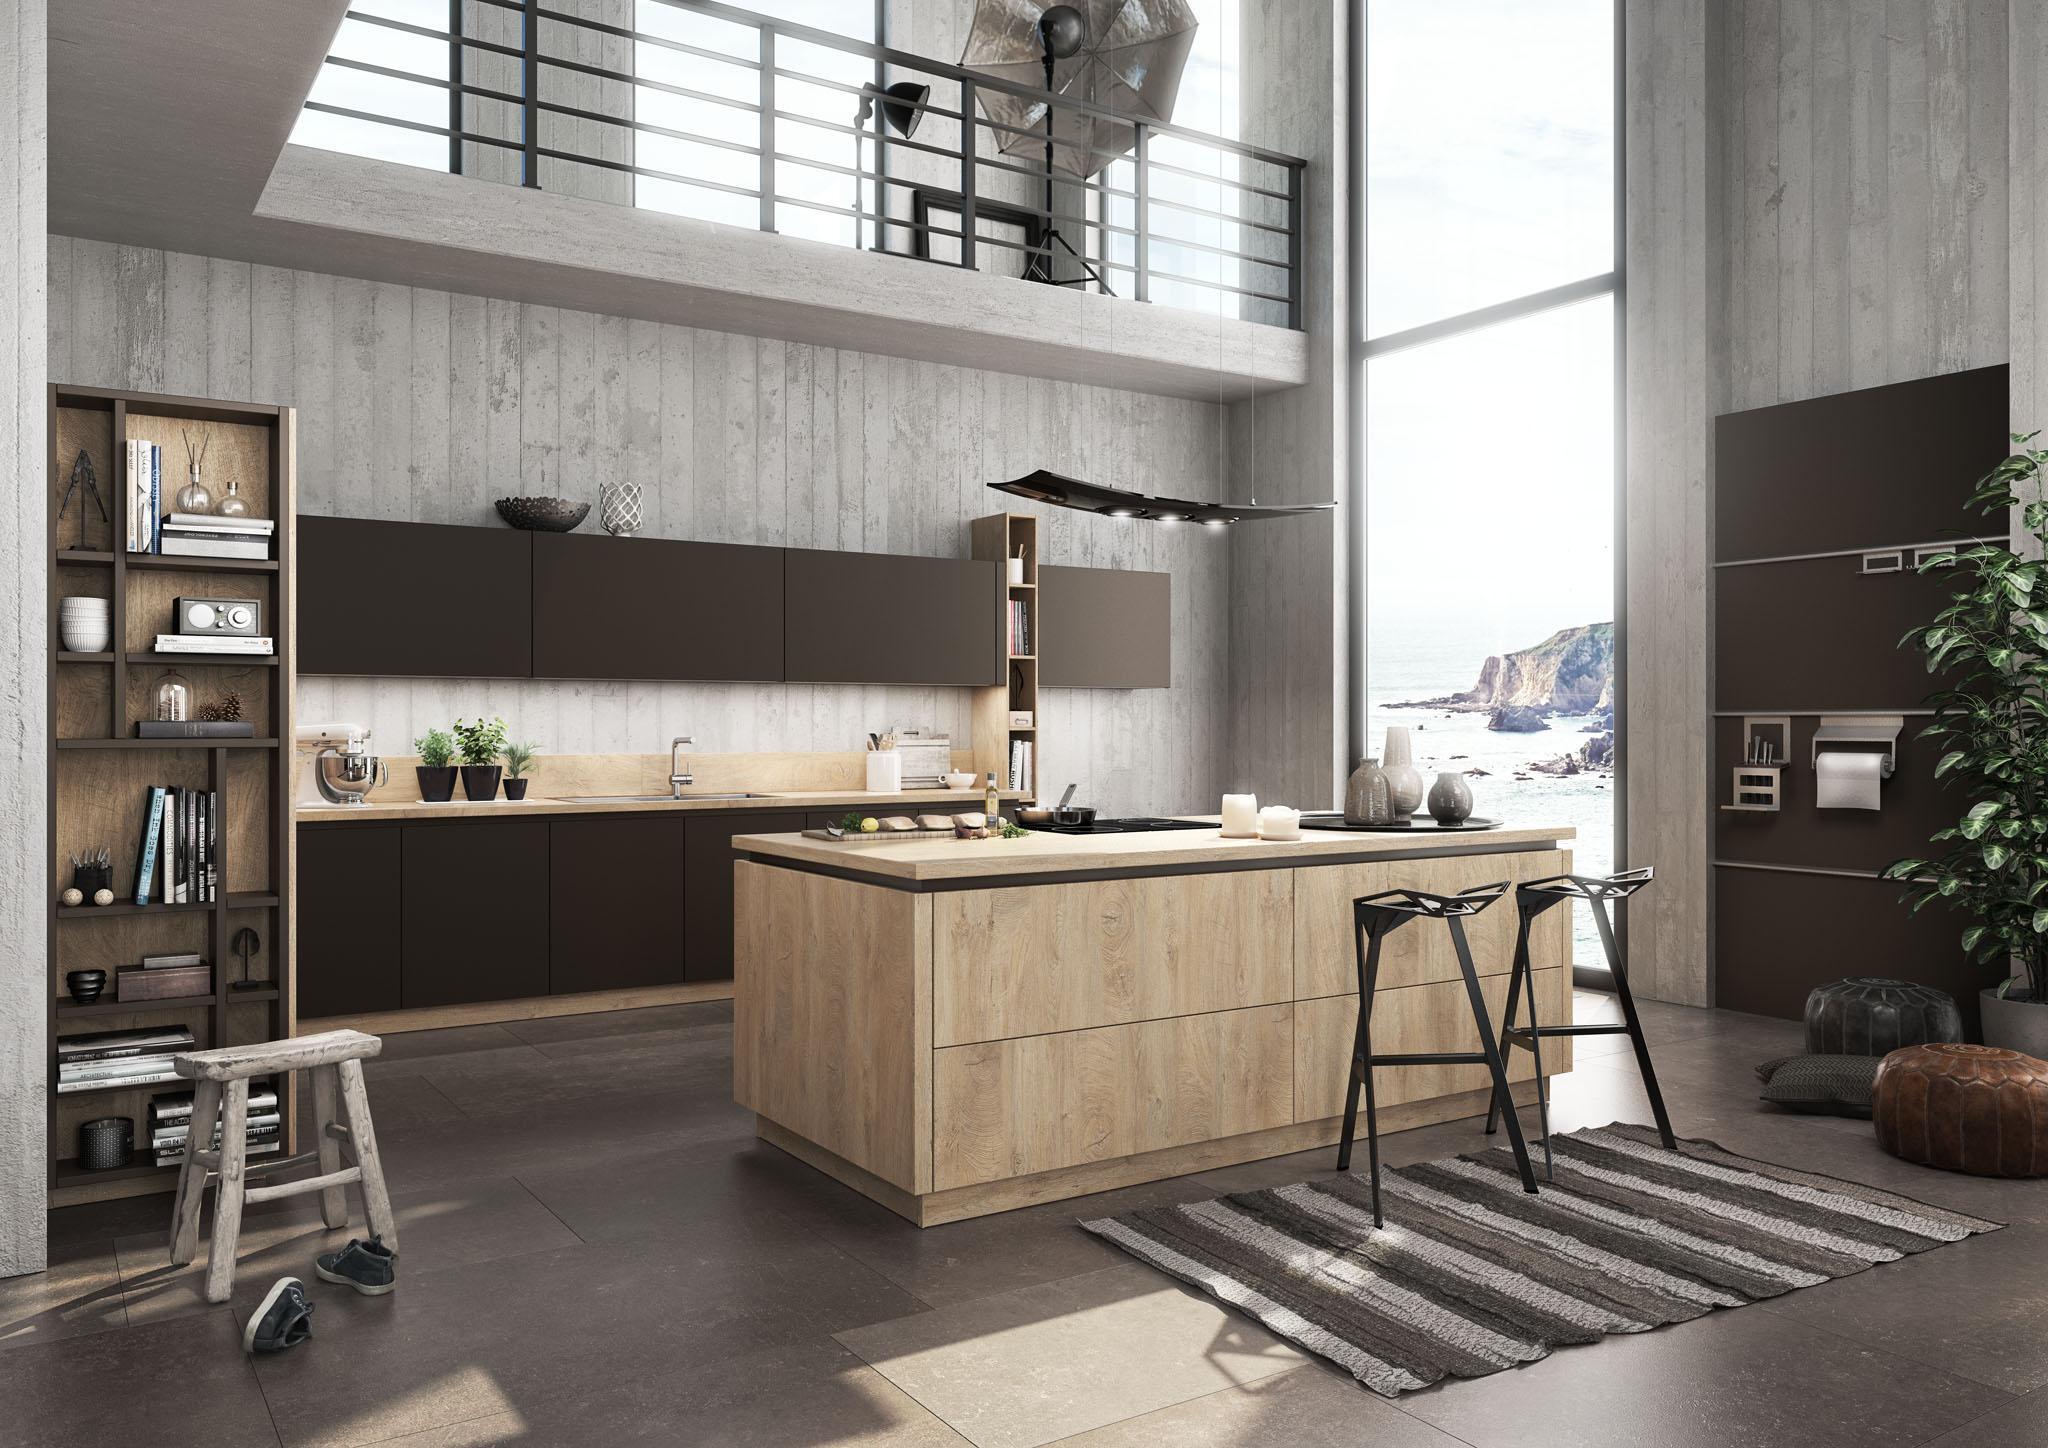 Event kuchen erfurt kuchenstudio und boxspringbetten in for Küchen erfurt